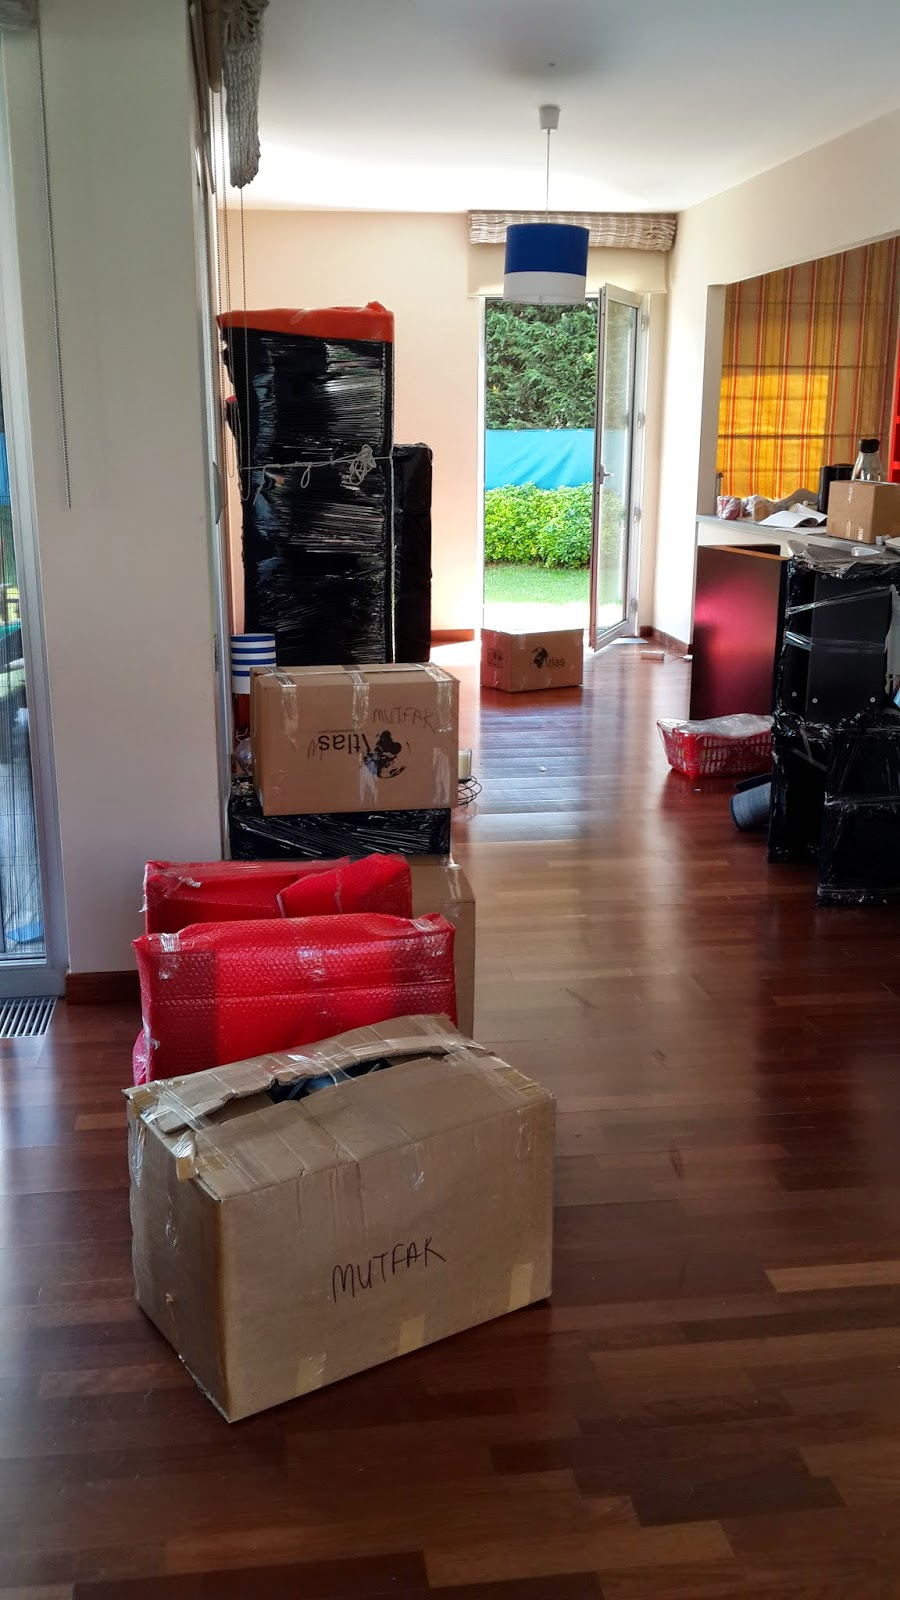 Eşyaların Büyük Çoğunluğu Paketlendi